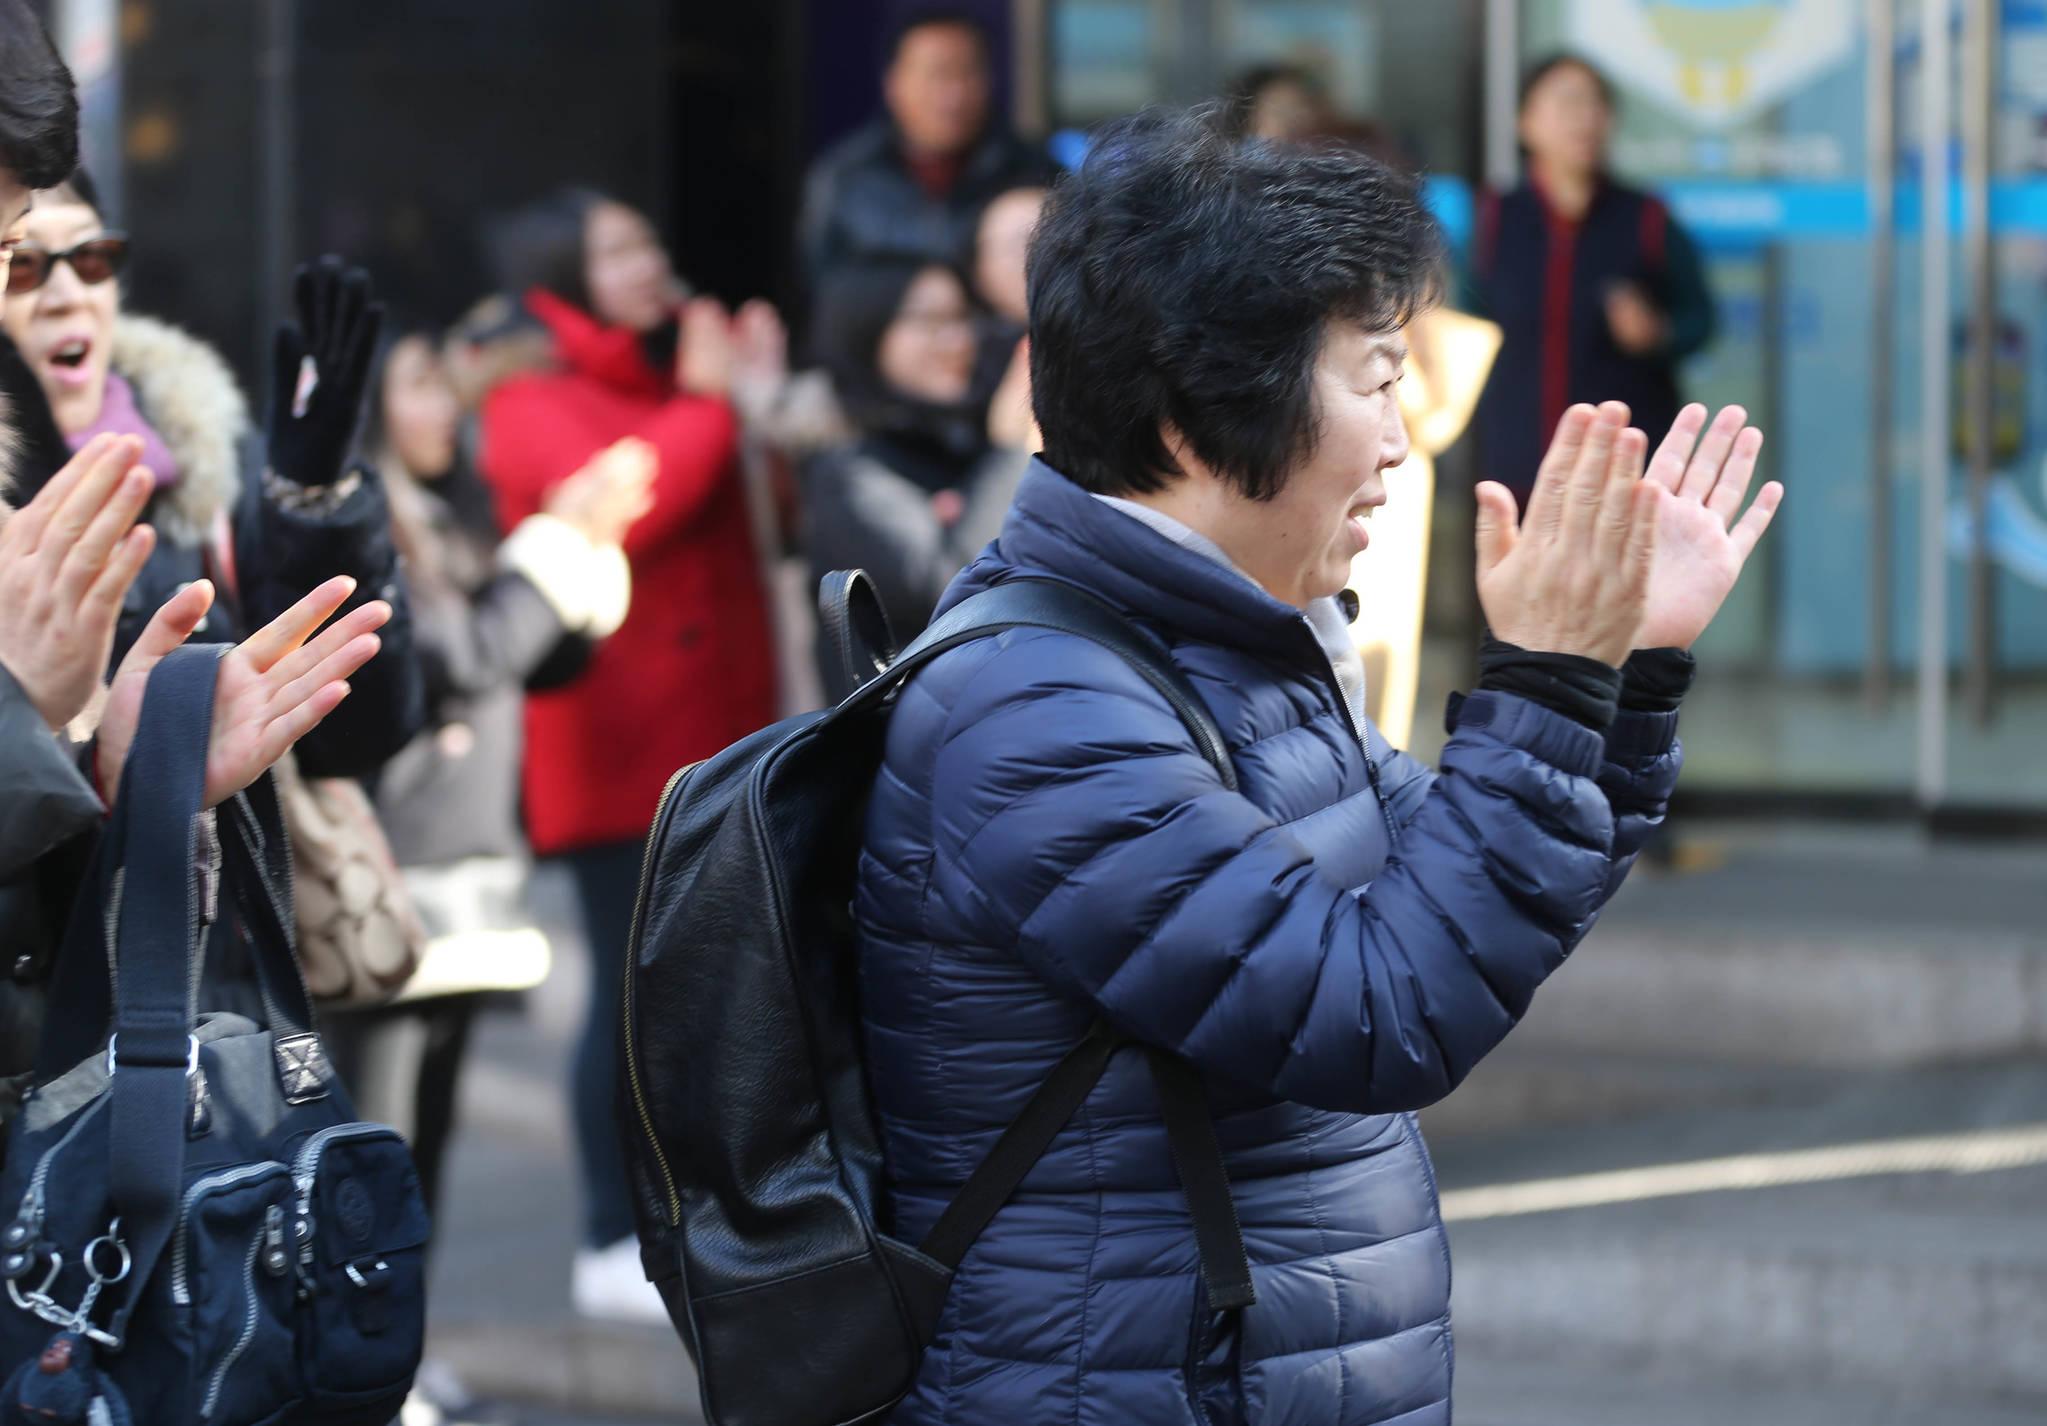 노희섭 인씨엠예술단 단장의 길거리 성악 공연을 들은 관객들이 박수치고 있다. 신인섭 기자